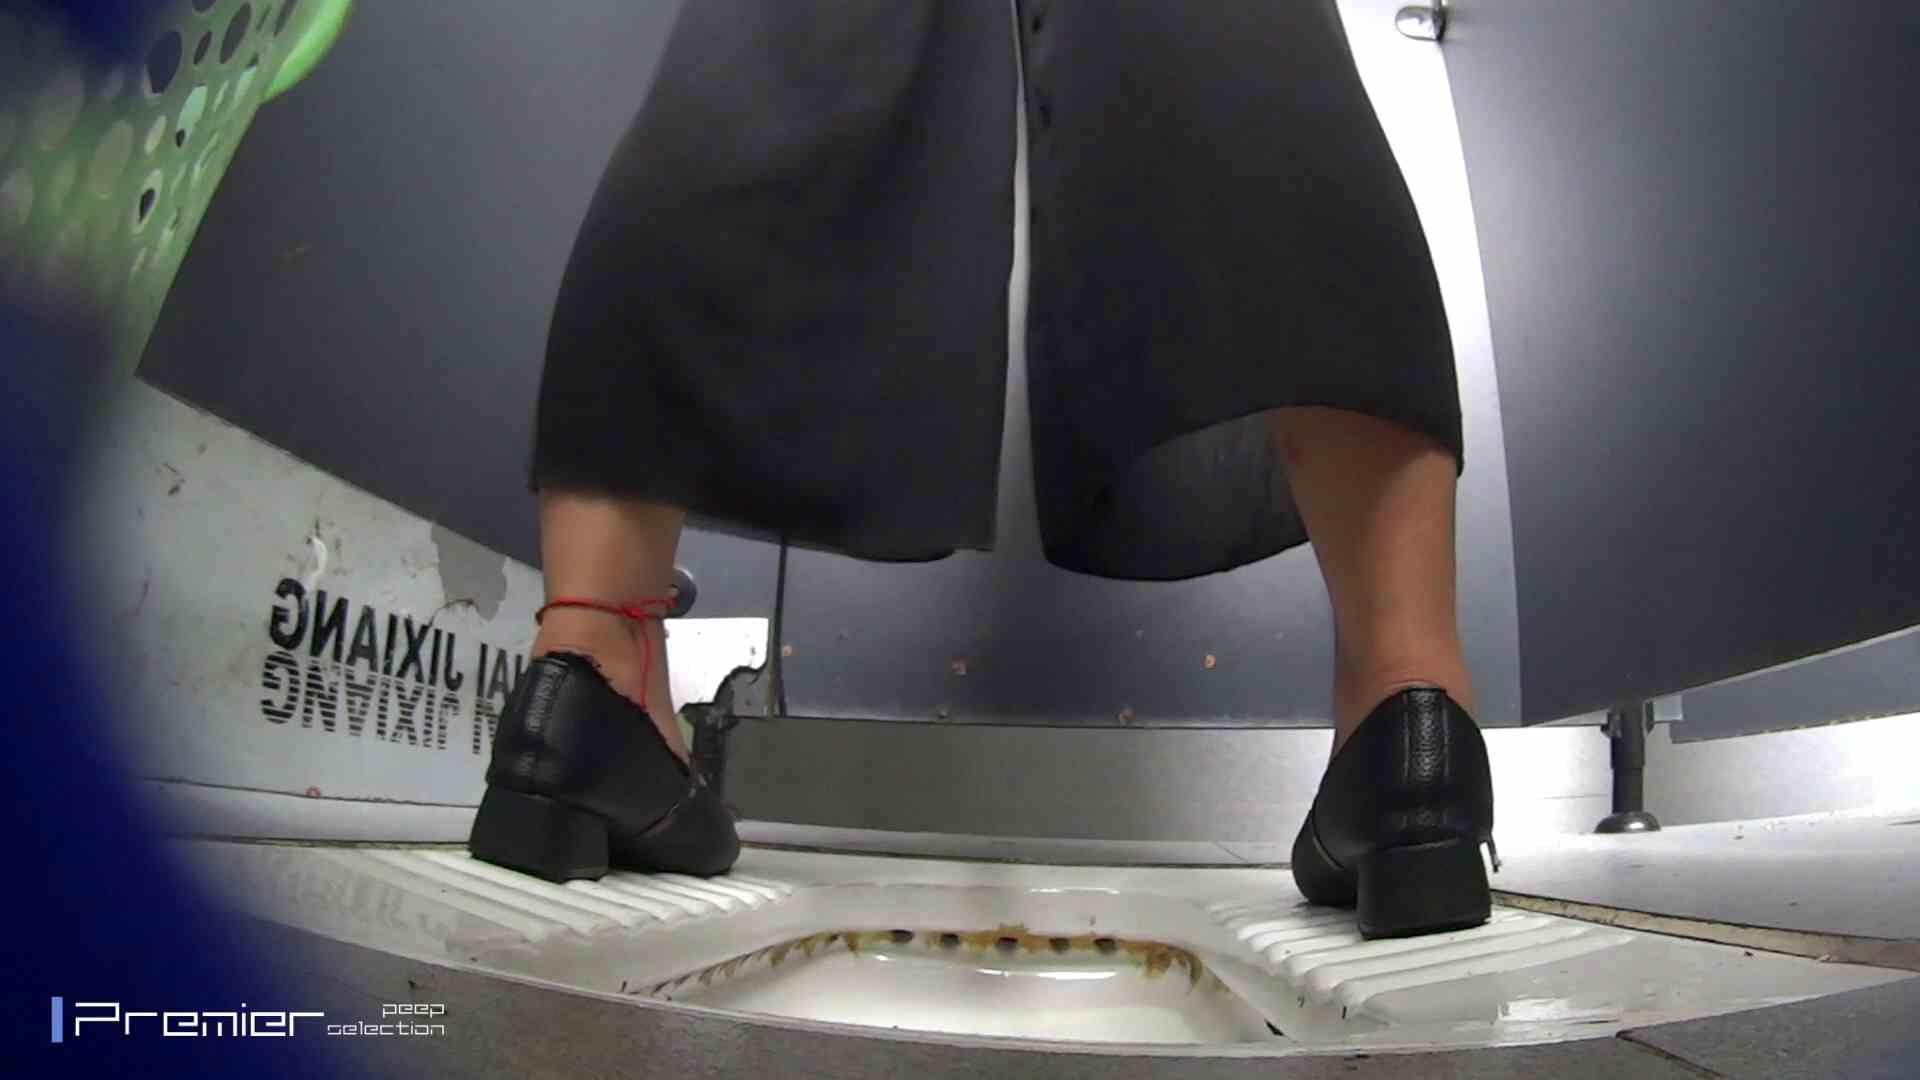 夏全開!ハーフパンツのギャル達 大学休憩時間の洗面所事情44 お姉さん  112pic 12